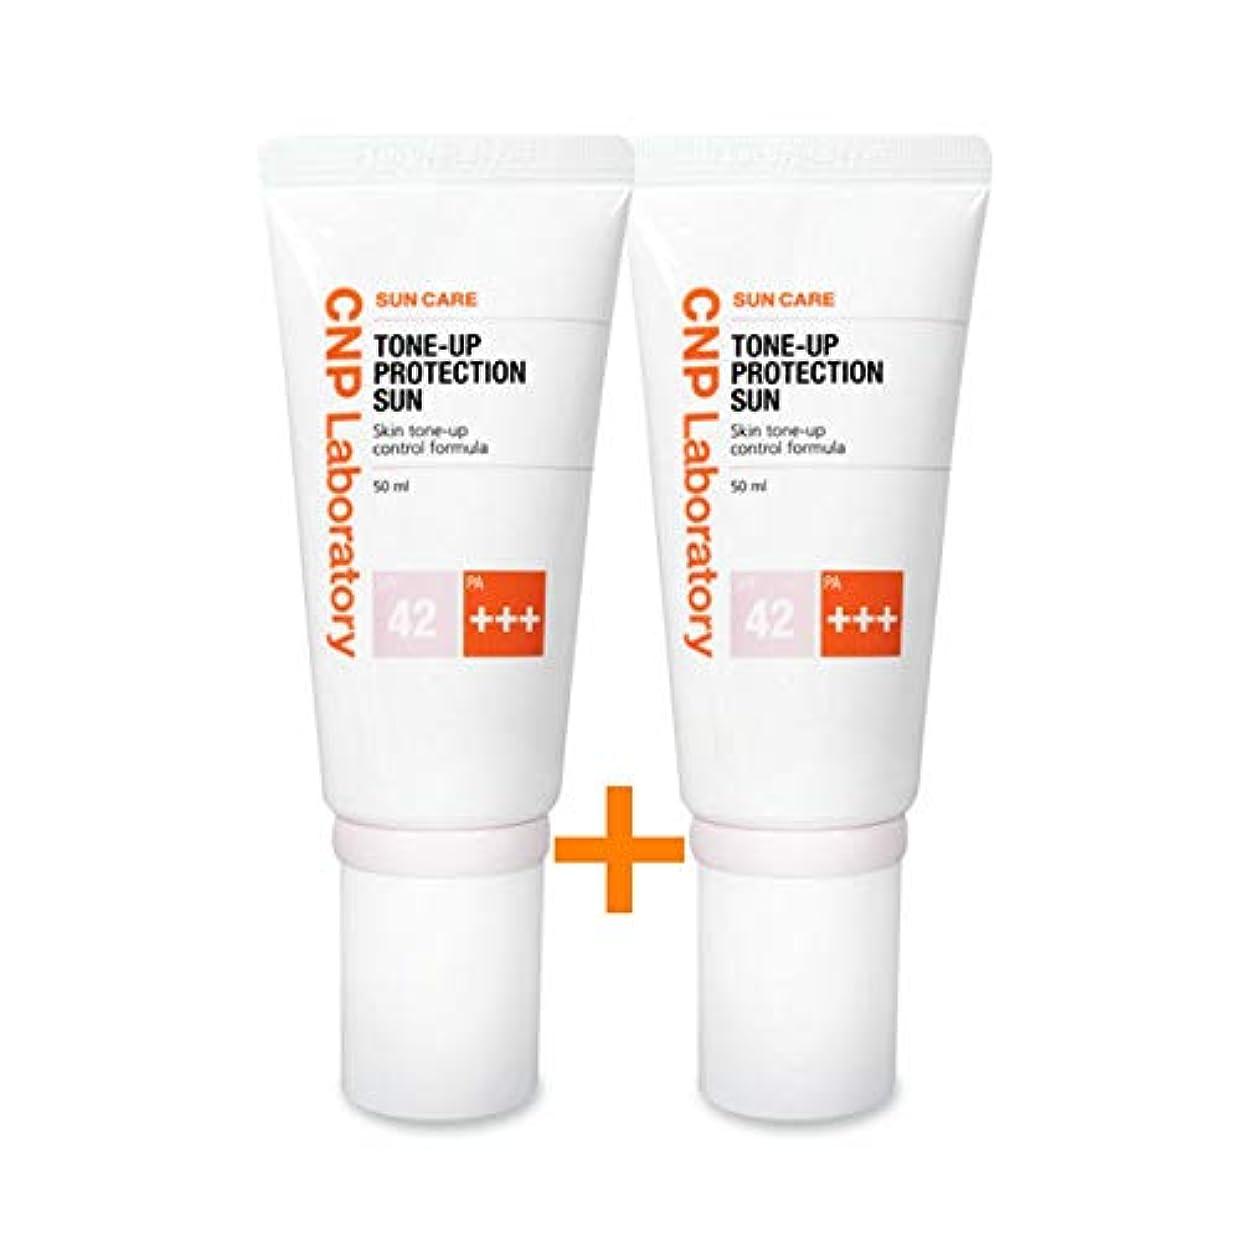 分類する旅従順[ 1 + 1 ] CNPトンオププロテクションサン?クリーム紫外線遮断剤 (SPF42 / PA+++) 50ml、CNP Tone-up Protection Sun Cream (SPF42 / PA+++) 50ml 韓国日焼け止め